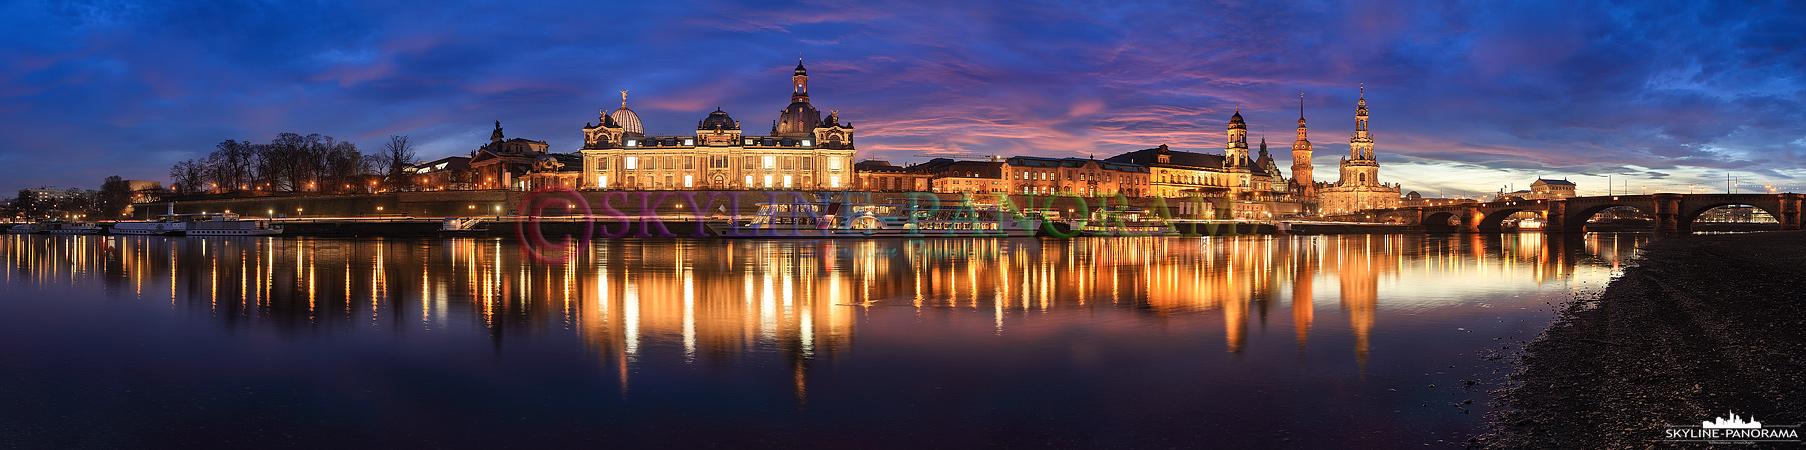 Bilder Dresden - Das Panorama vom Dresdner Elbufer auf die abendlich beleuchtete Altstadt mit der Frauenkirche und der Semperoper, als bekannteste Bauwerke der sächsischen Metropole.